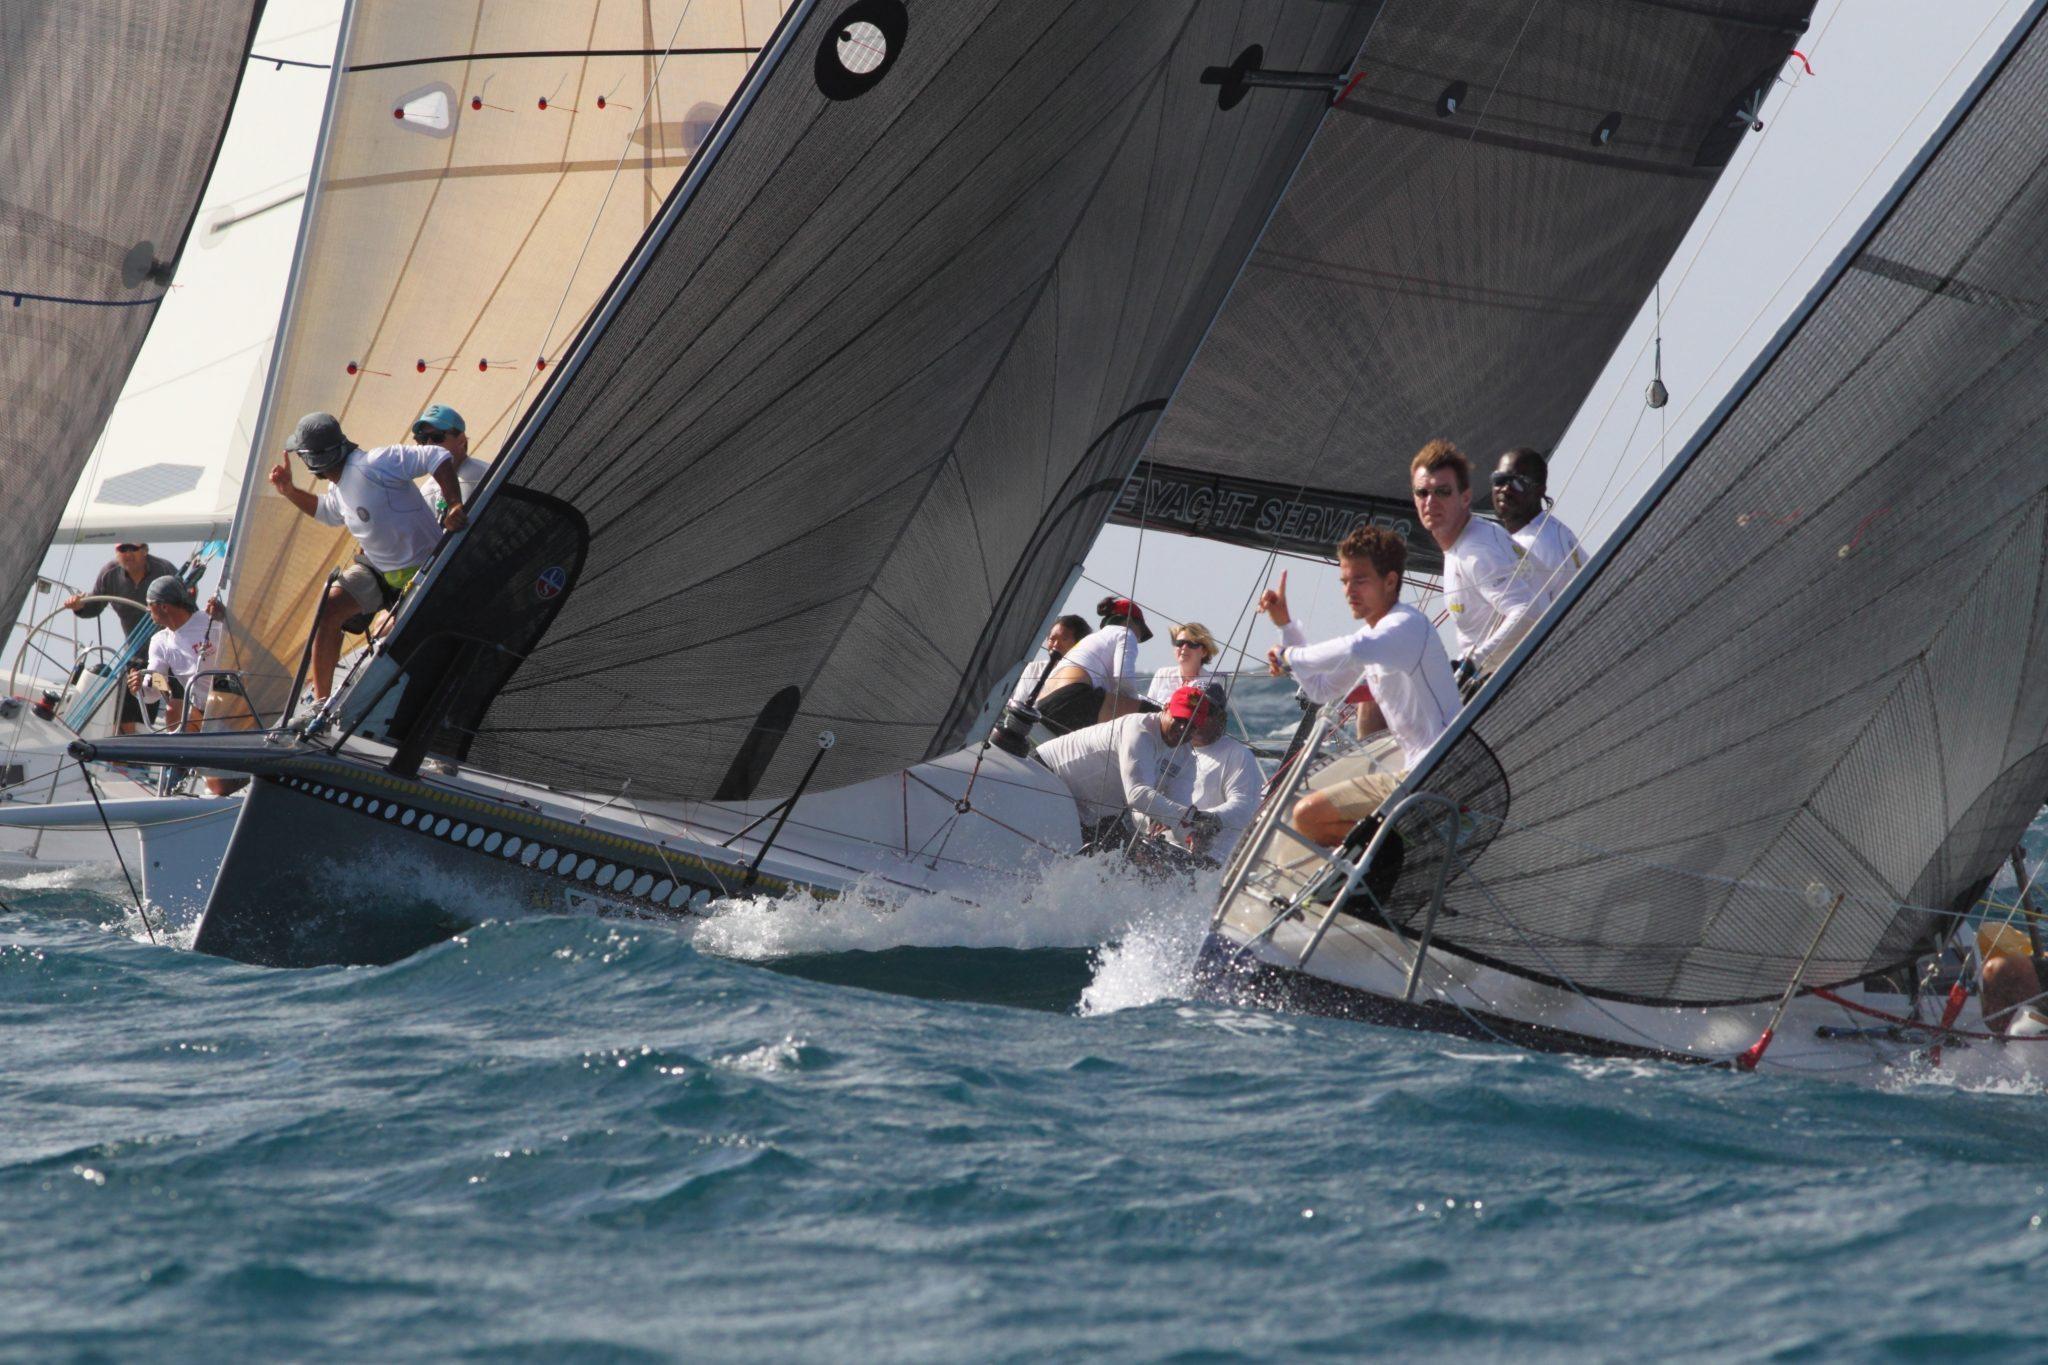 Tight start at Grenada Sailing Week